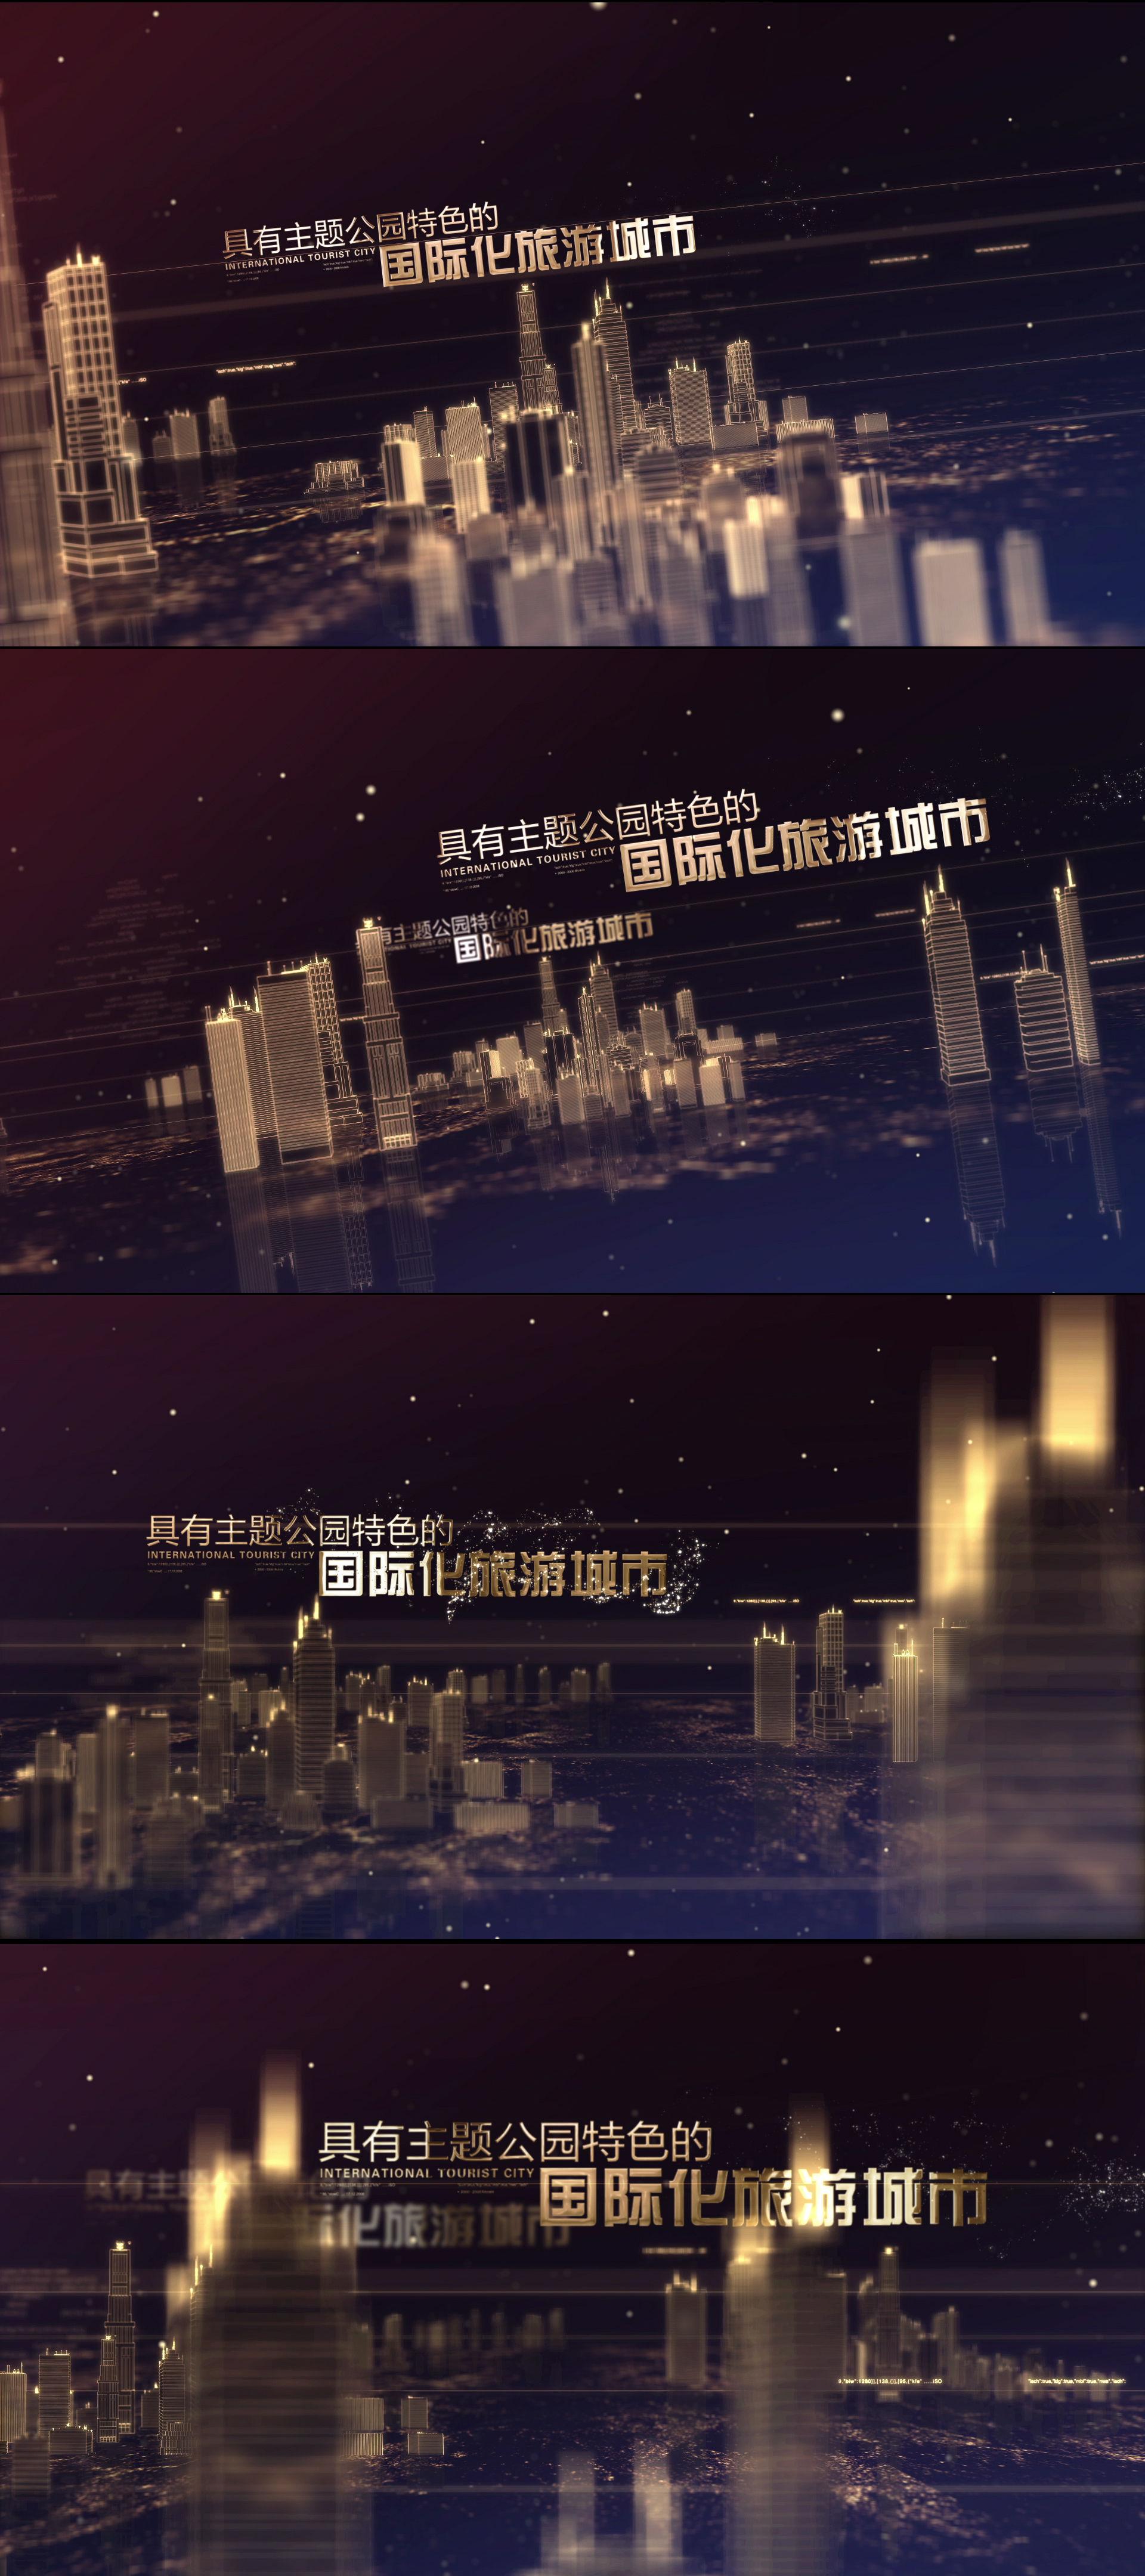 虛擬城市文字標題演繹